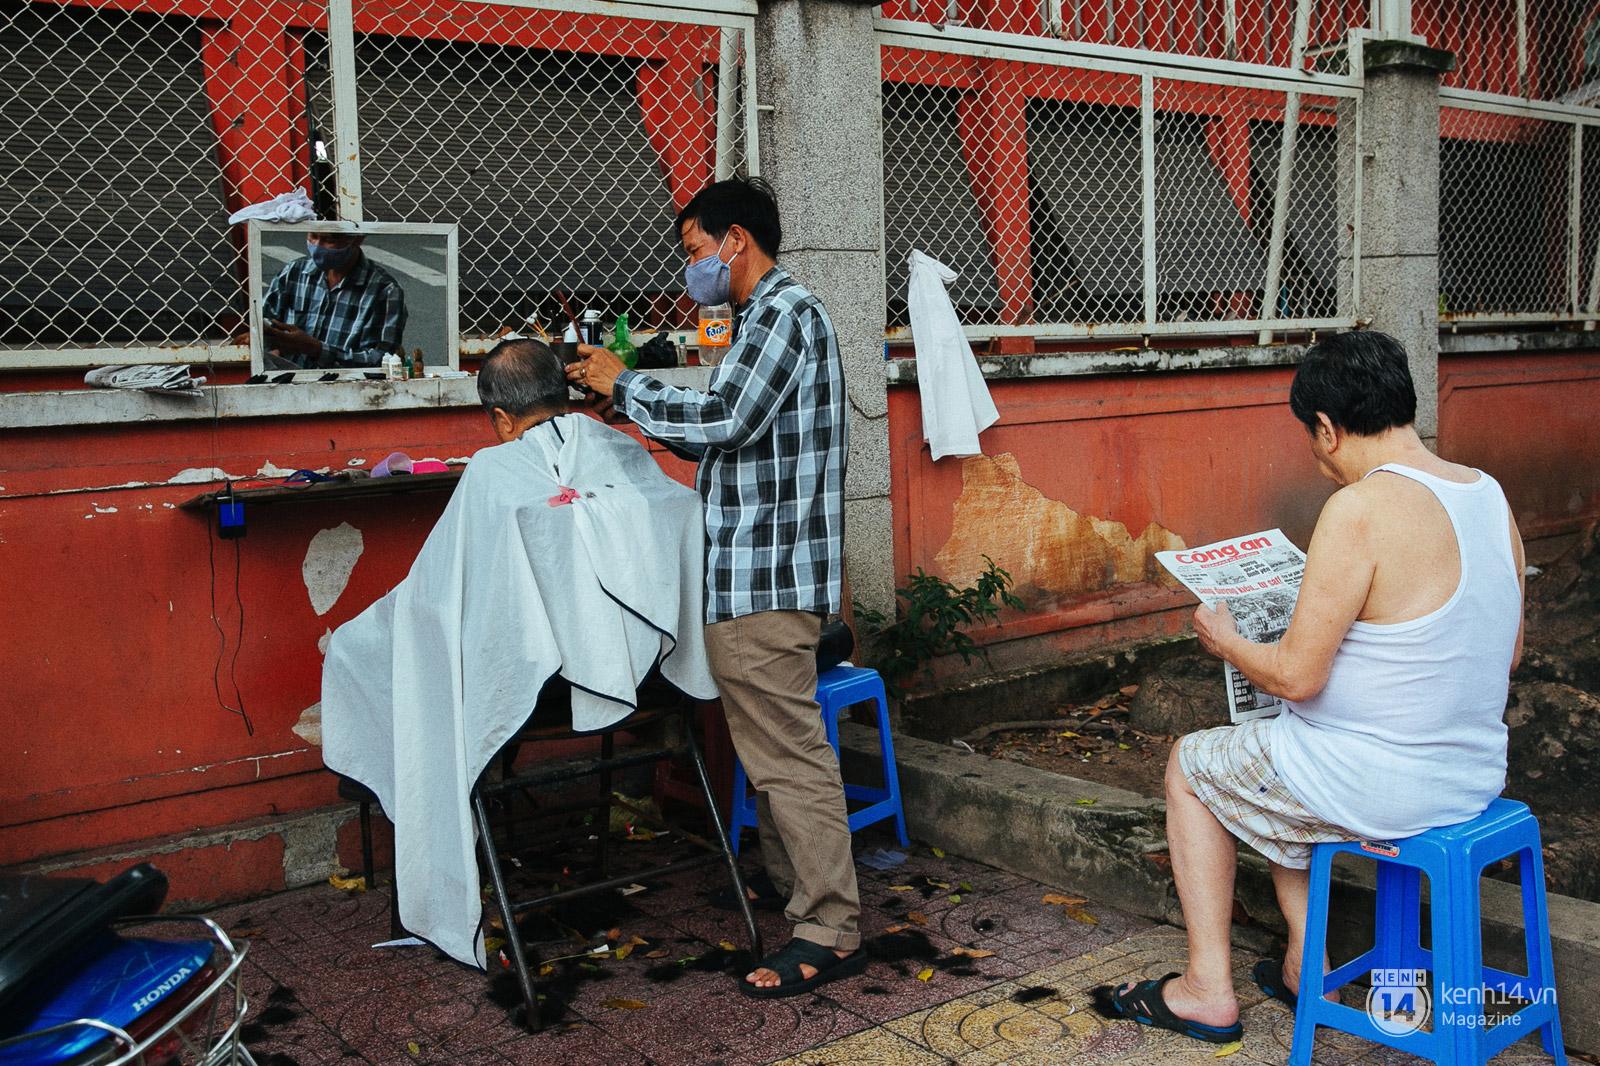 """Ai chê người Sài Gòn """"quê mùa"""" chứ Sài Gòn chẳng bao giờ chê ai là người nhà quê! - Ảnh 6."""